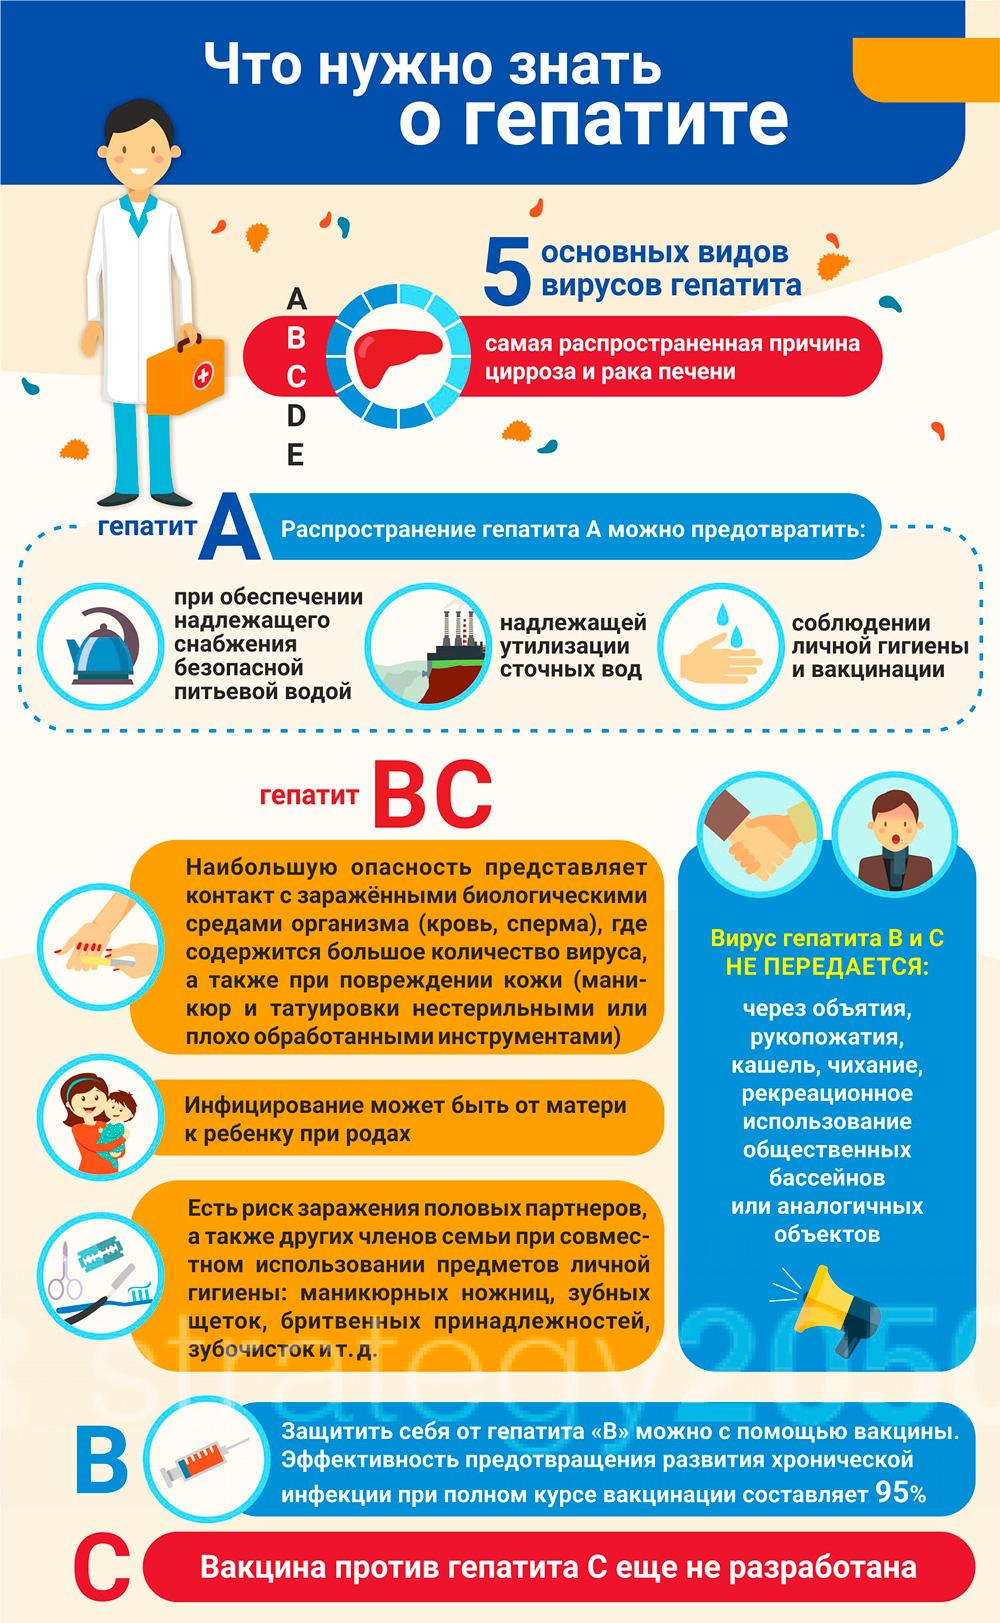 Какую прививку делают в бедро ребенку или попу